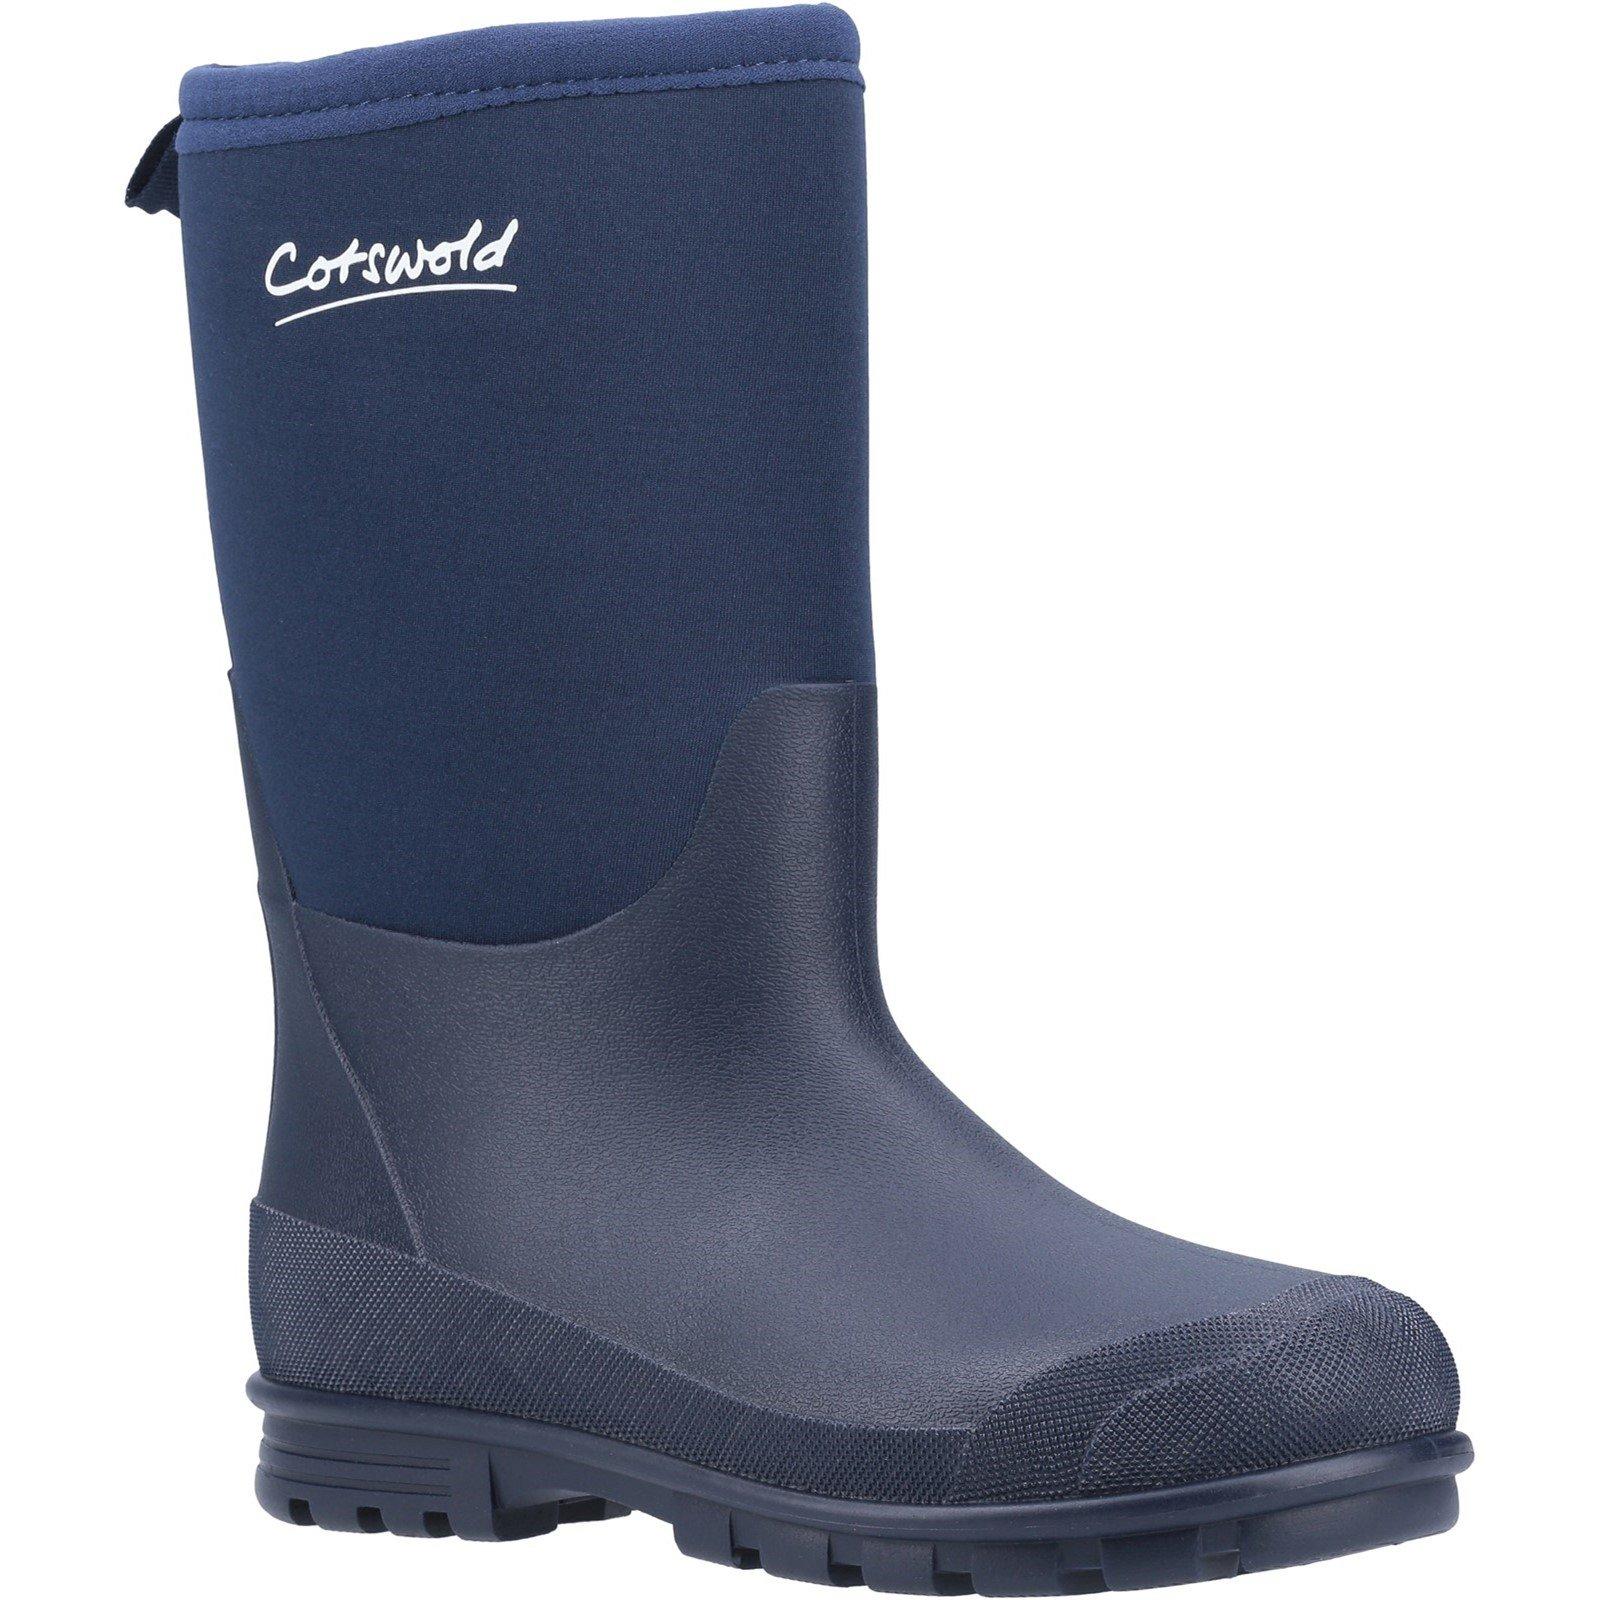 Cotswold Women's Hilly Neoprene Wellington Boot - Blue 8